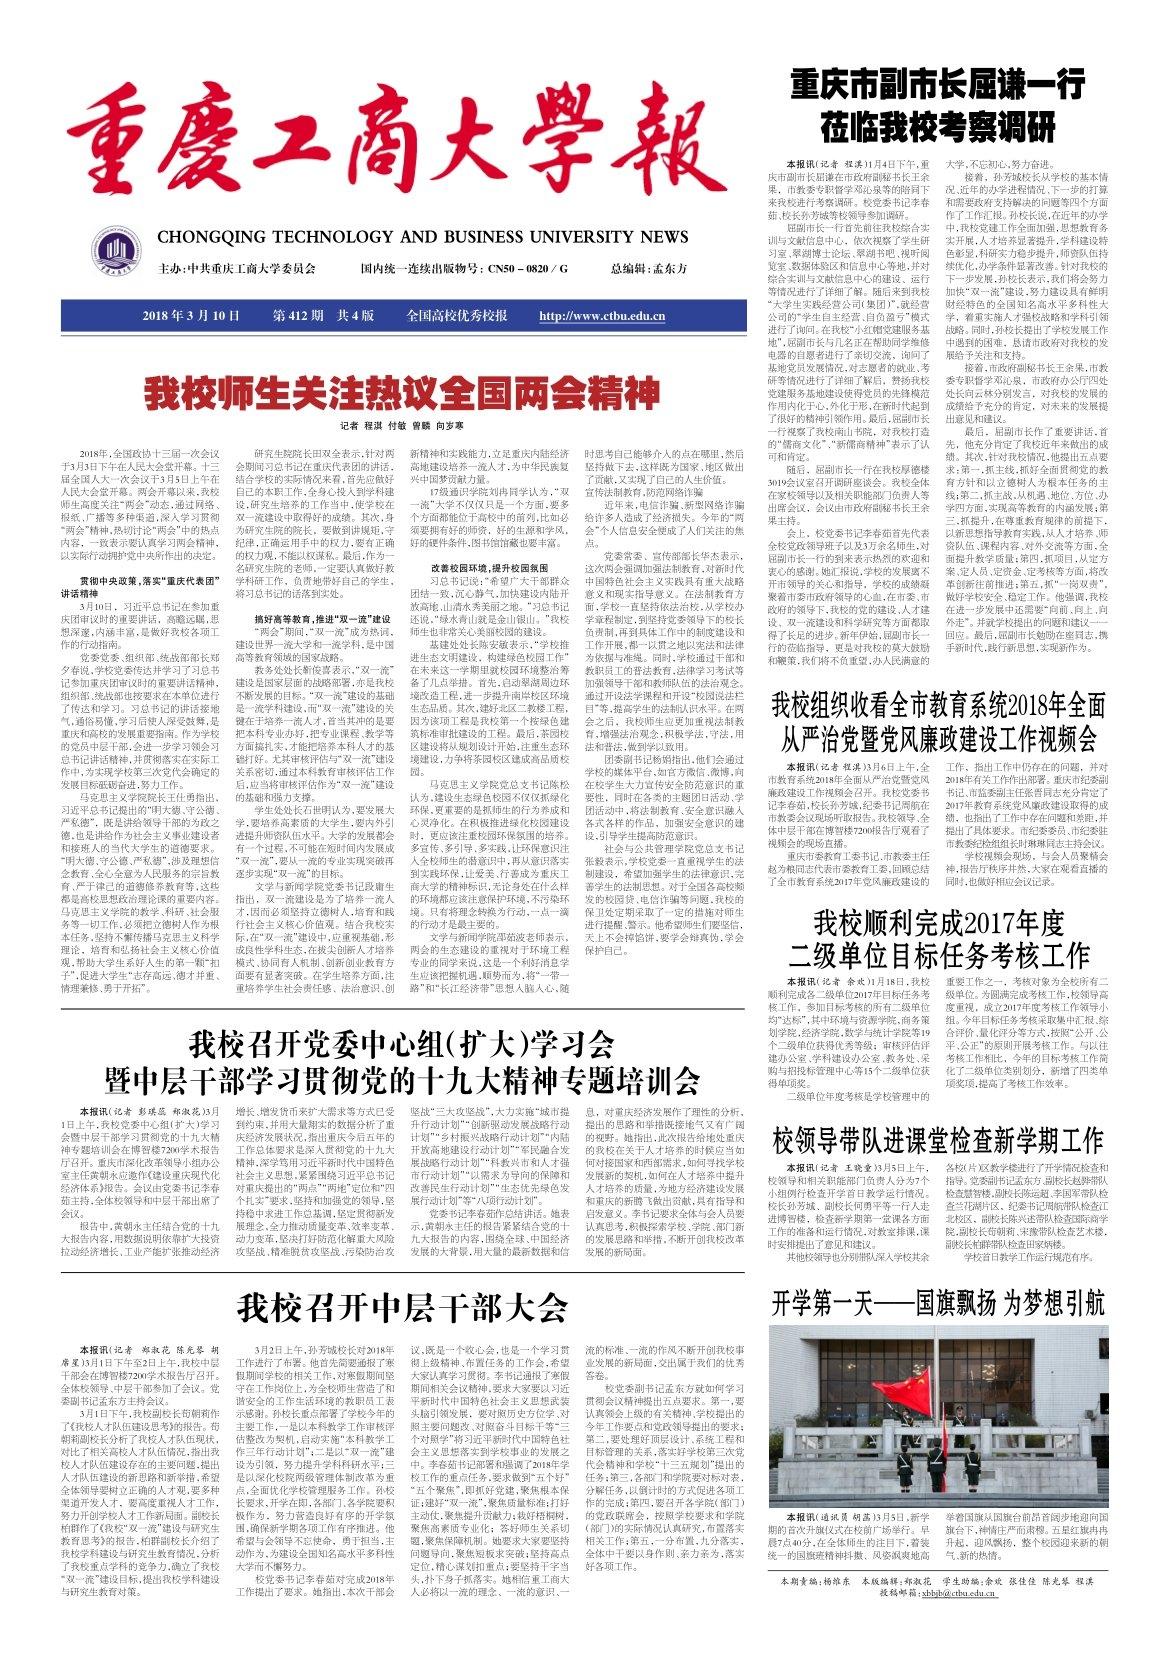 《重庆工商大学报》